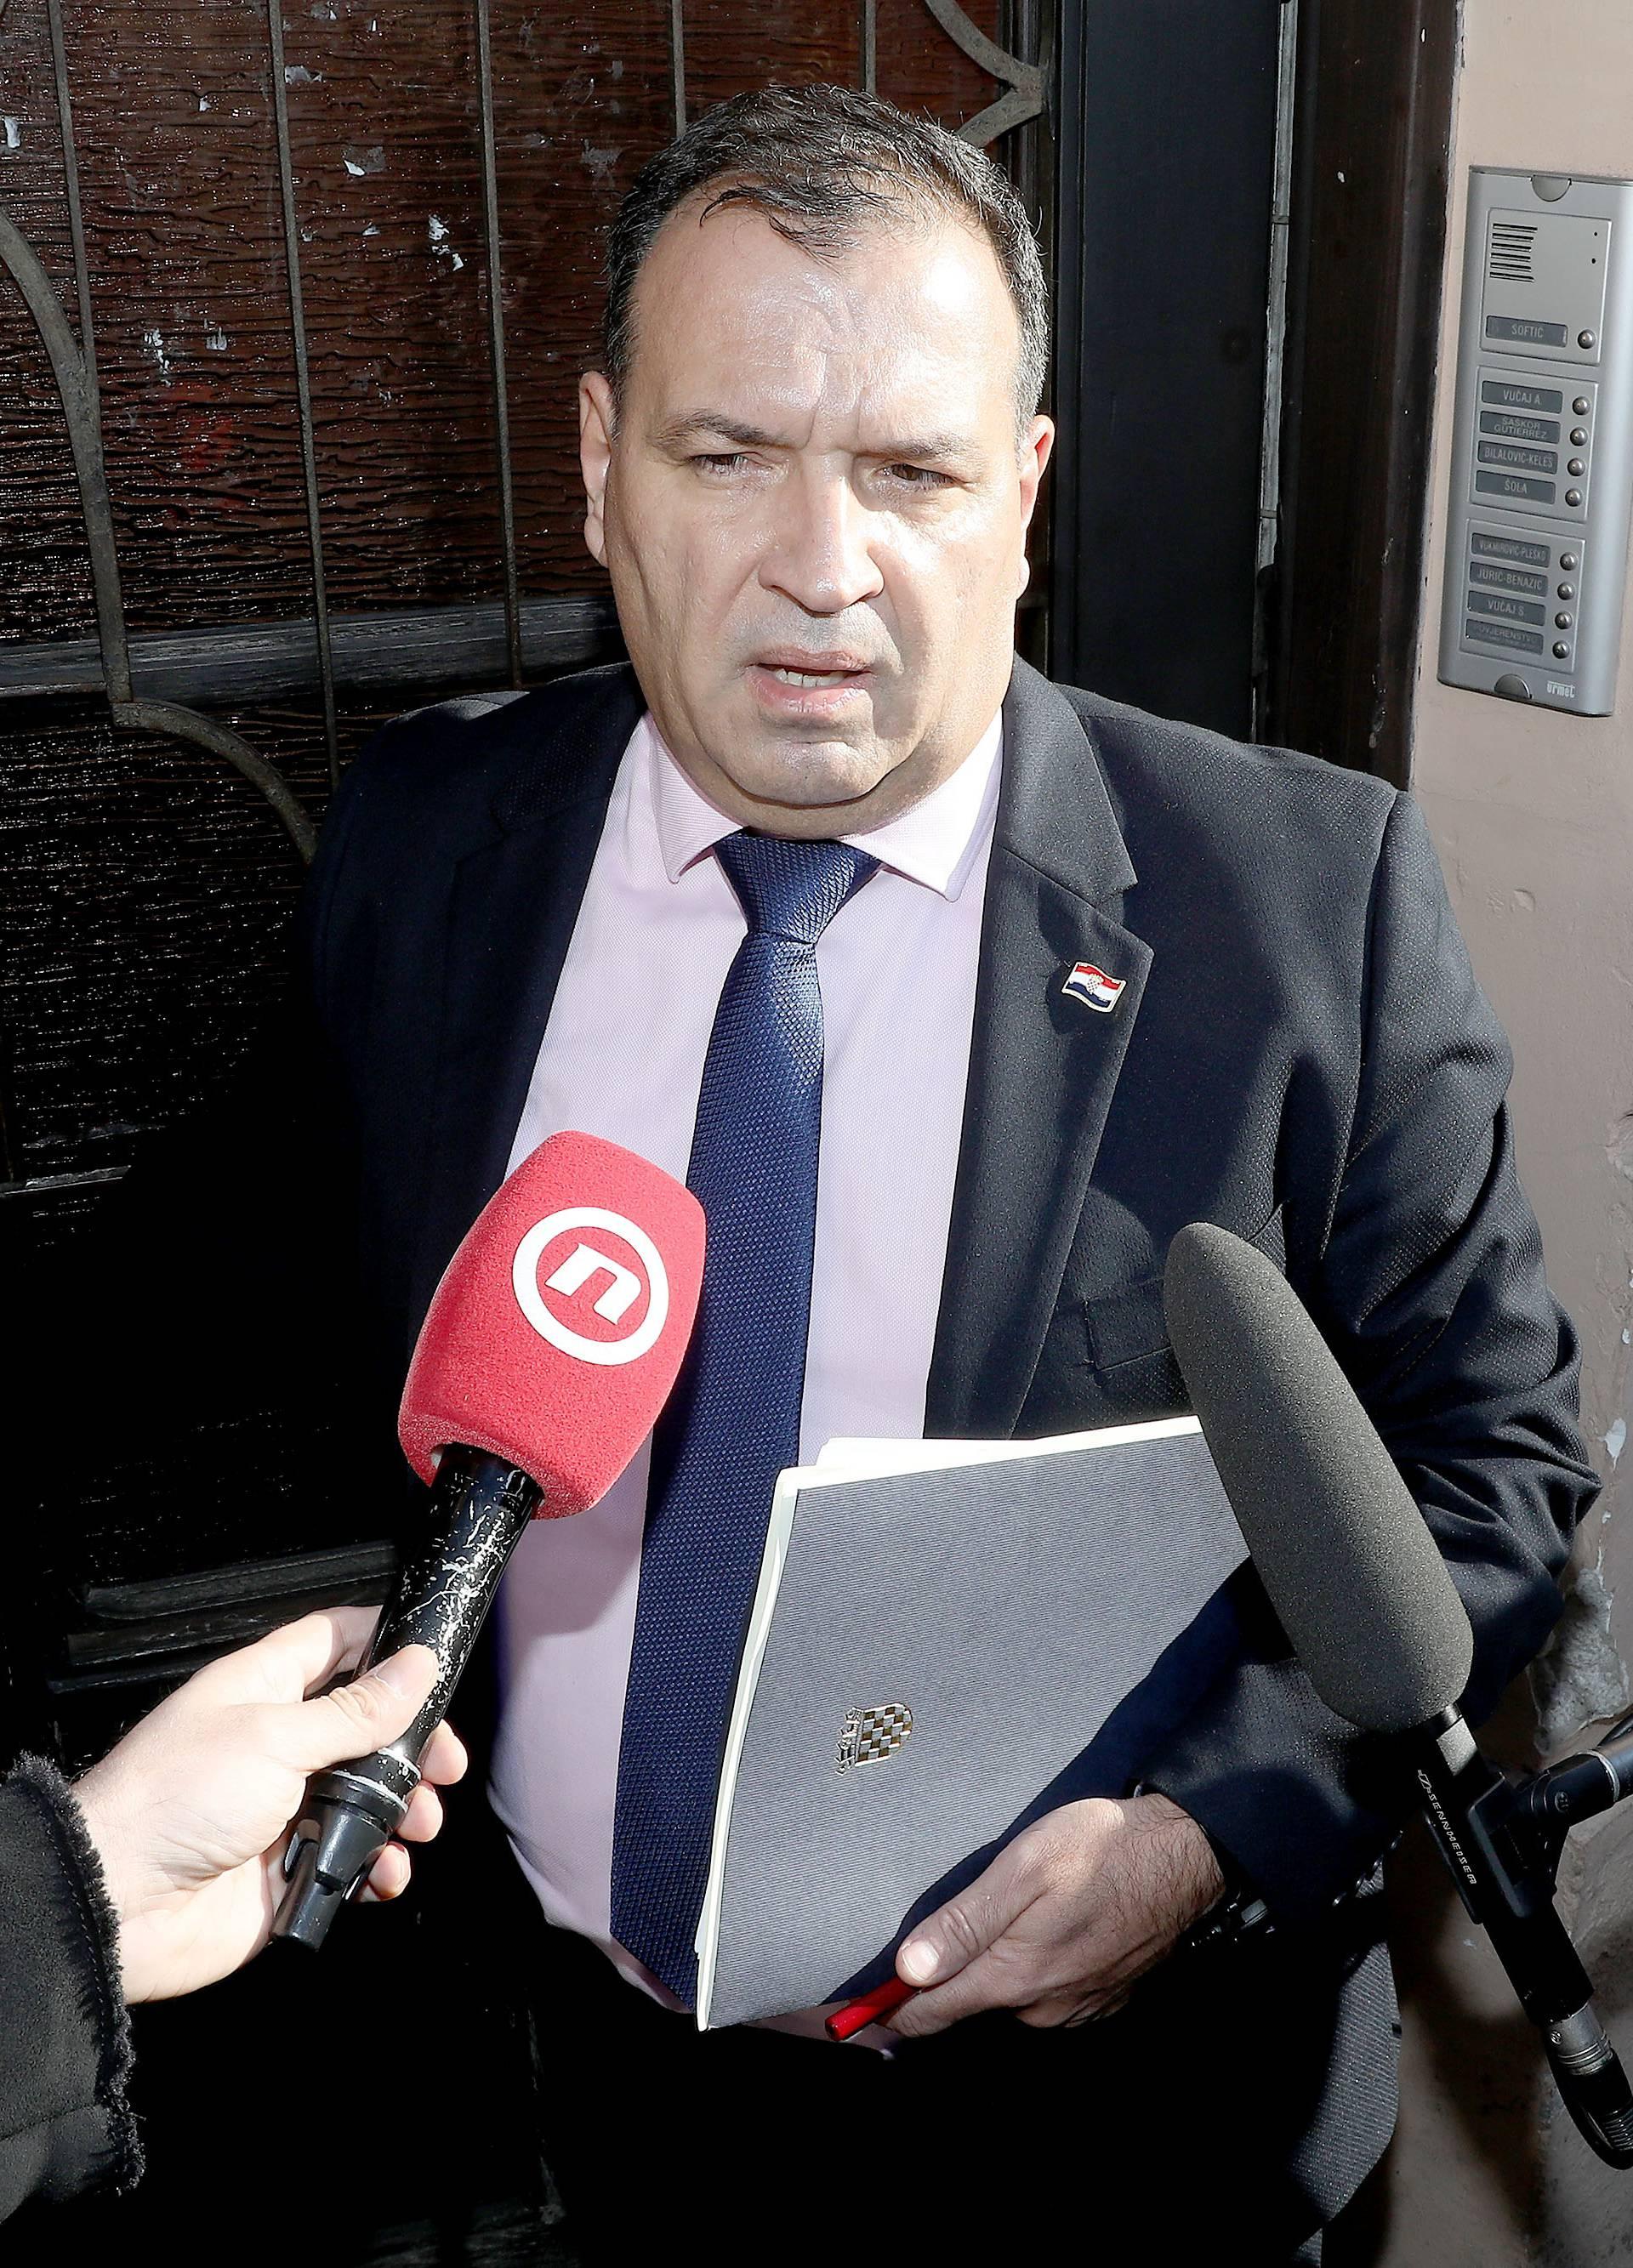 Zagreb: Budući ministar zdravstva Beroš ispunio imovinsku karticu